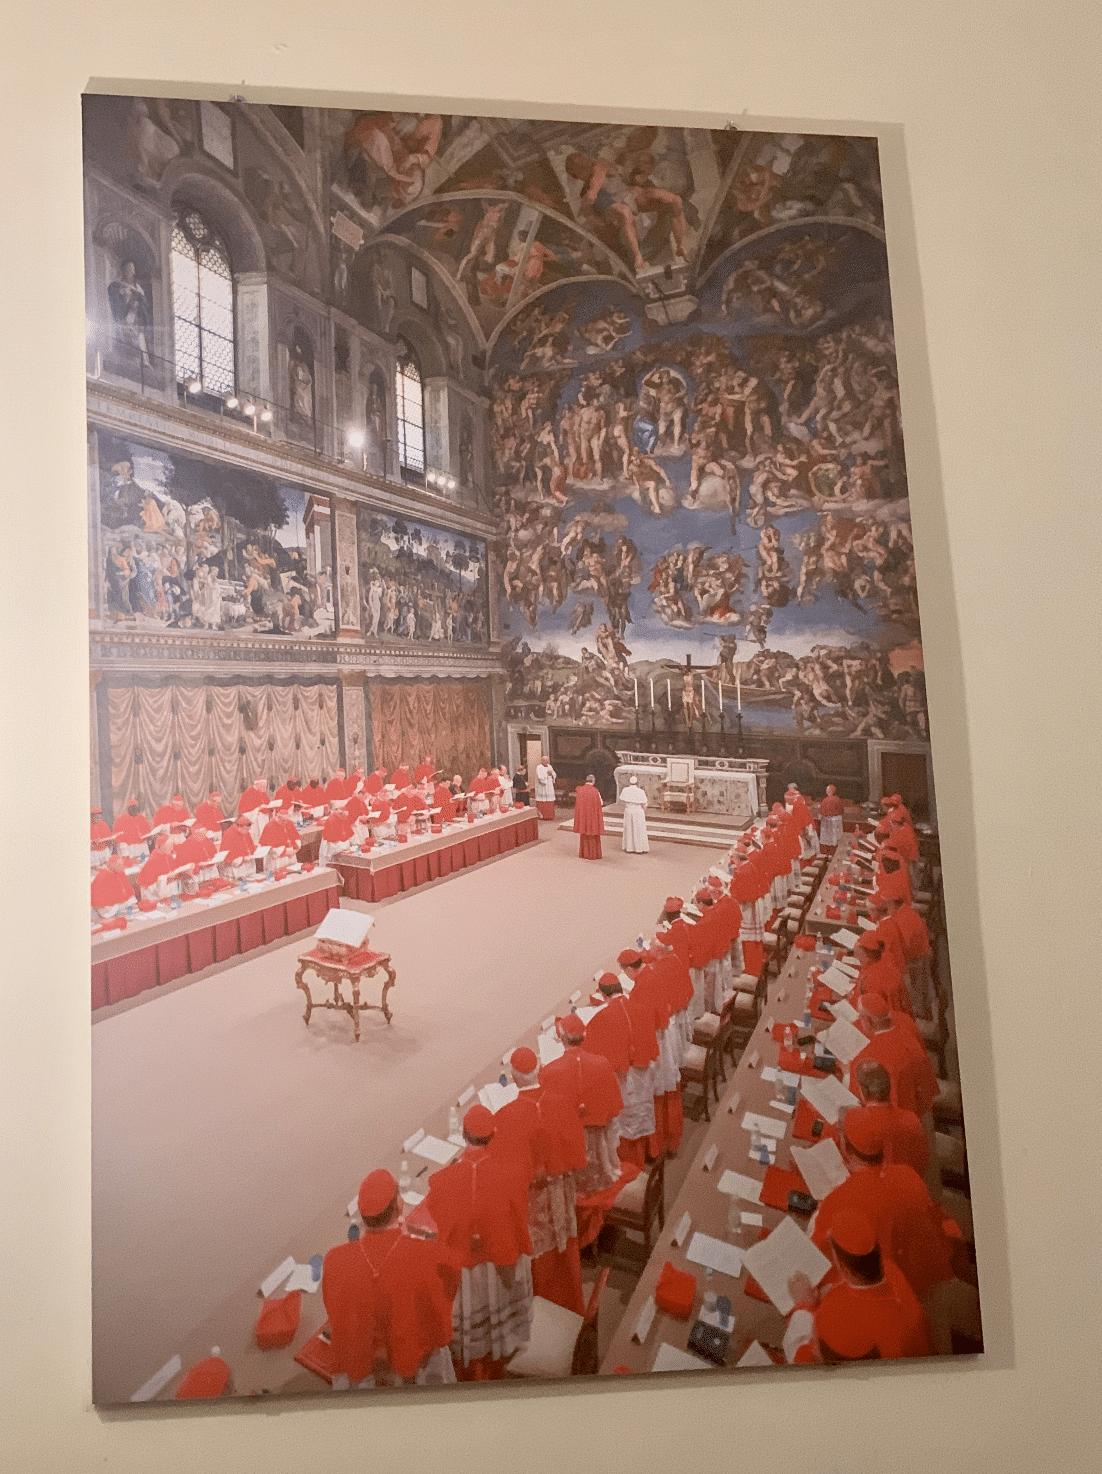 tableau de la chapelle sixtine